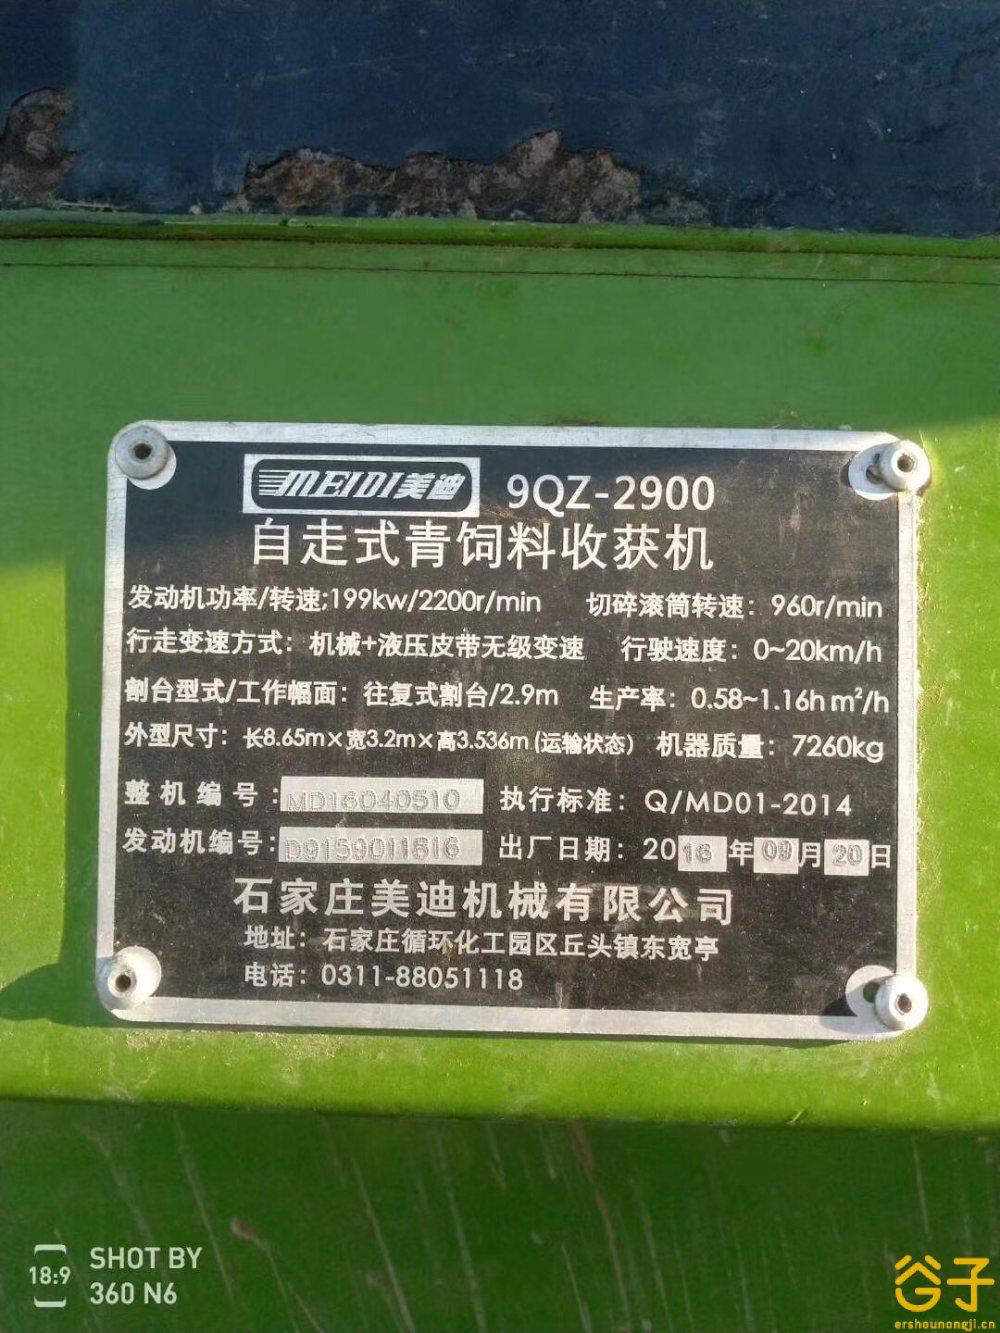 美迪9QZ-2900B青储机